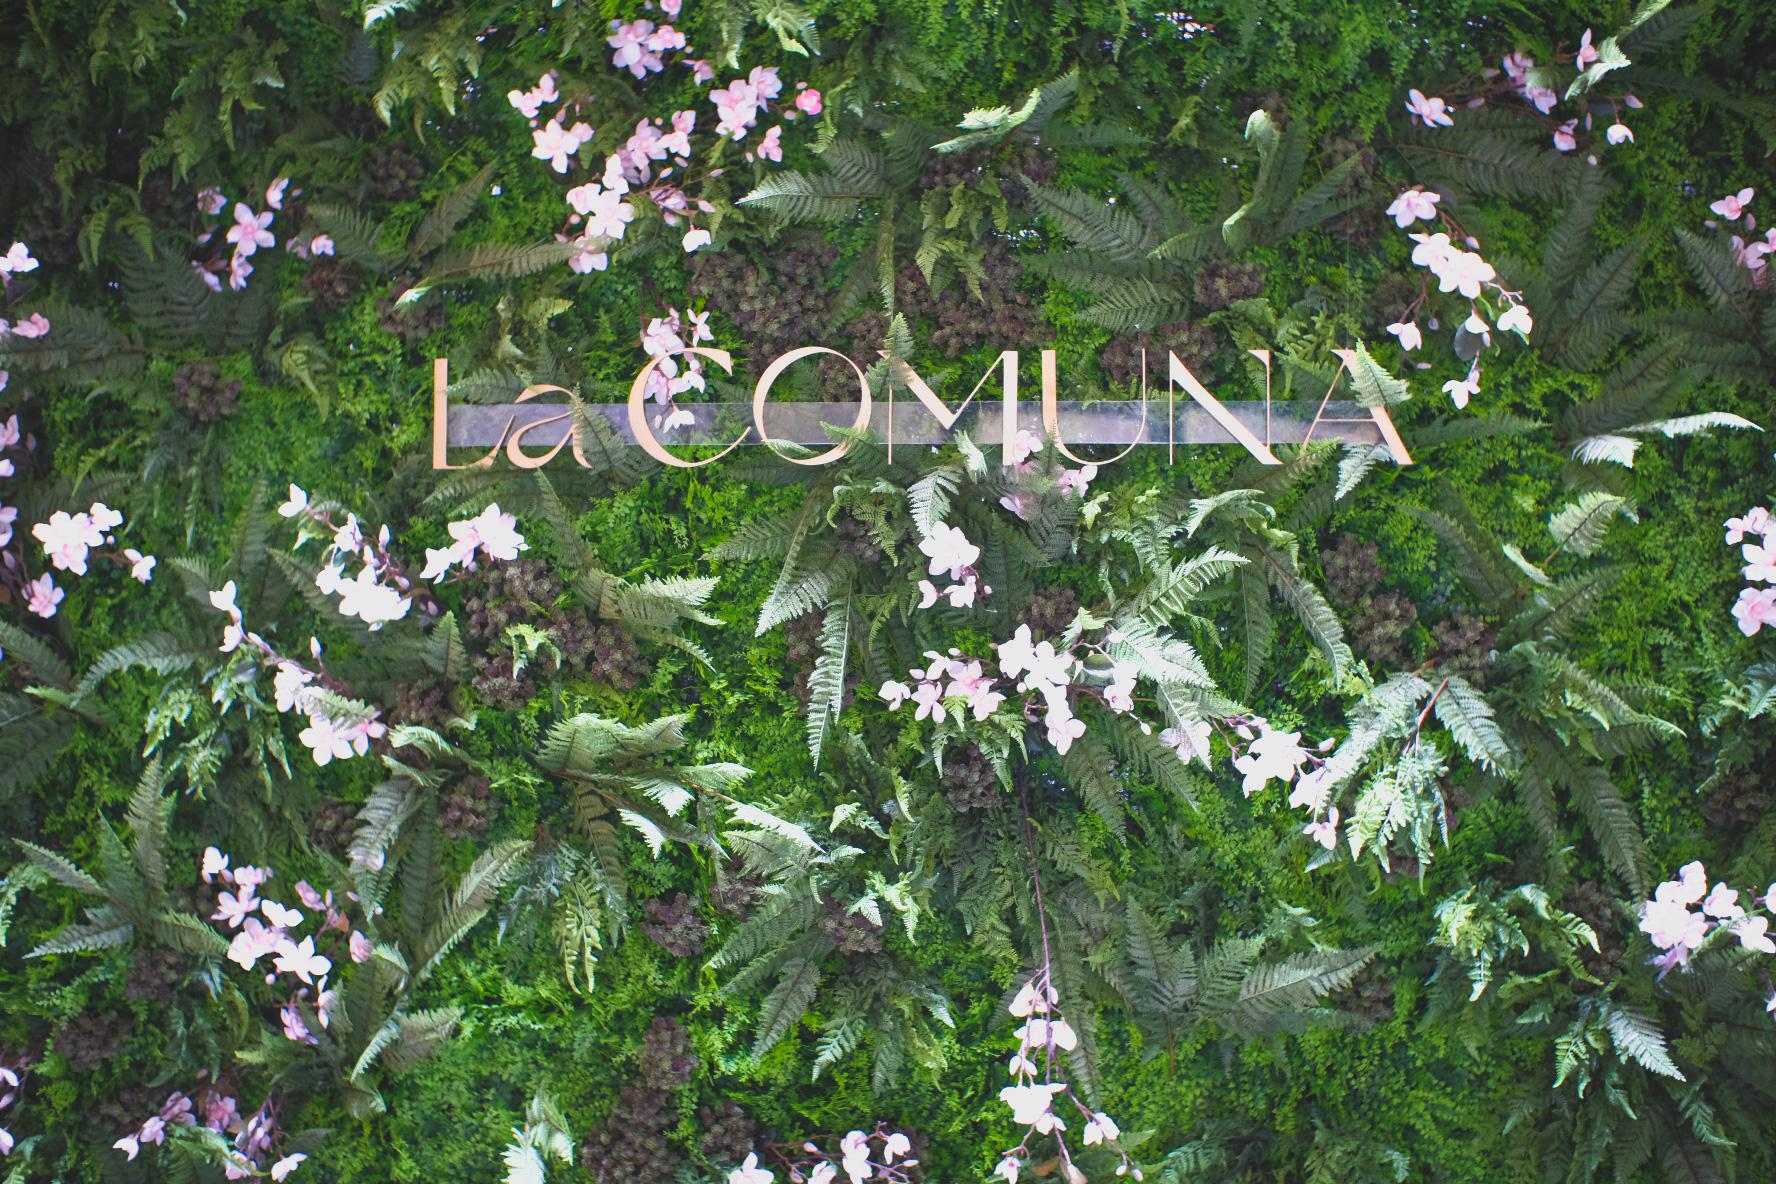 La Comuna Girona